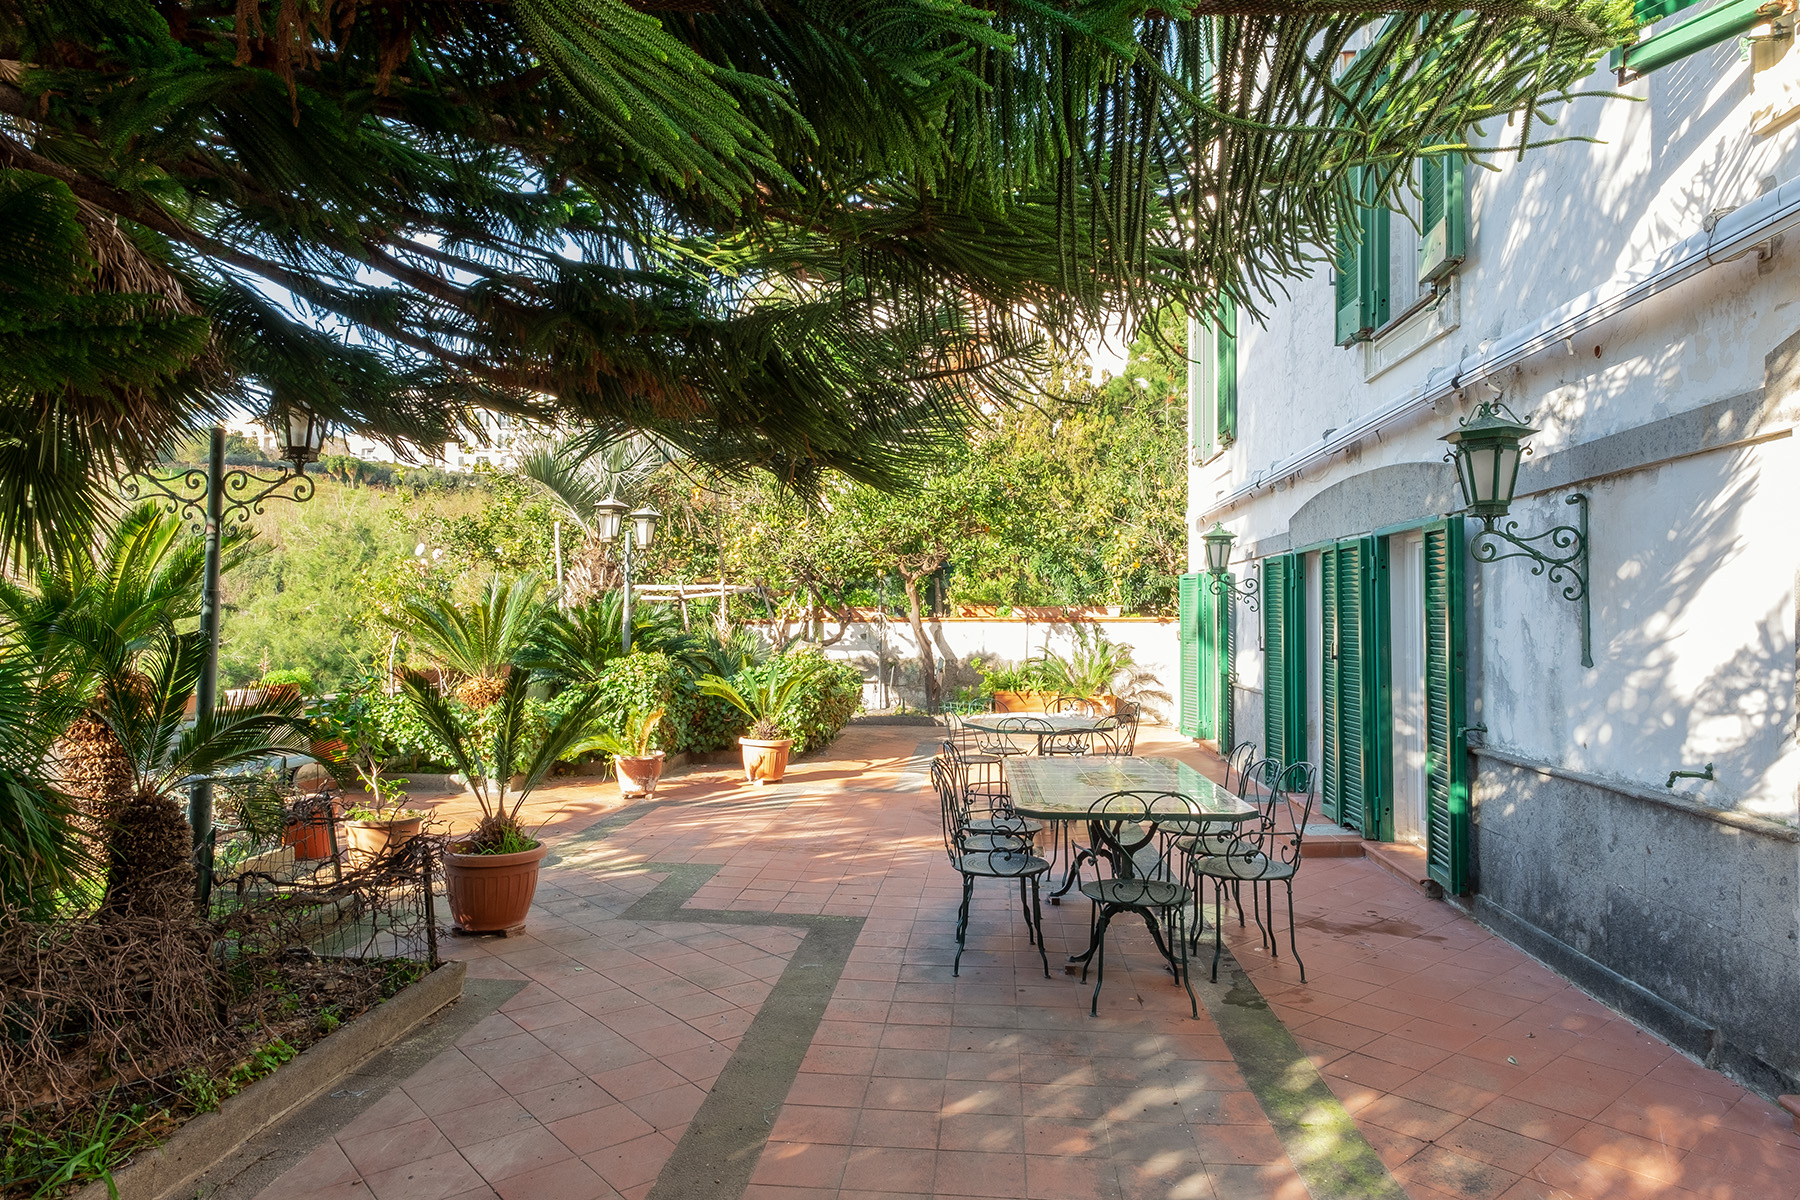 Villa in Vendita a Napoli: 5 locali, 350 mq - Foto 2